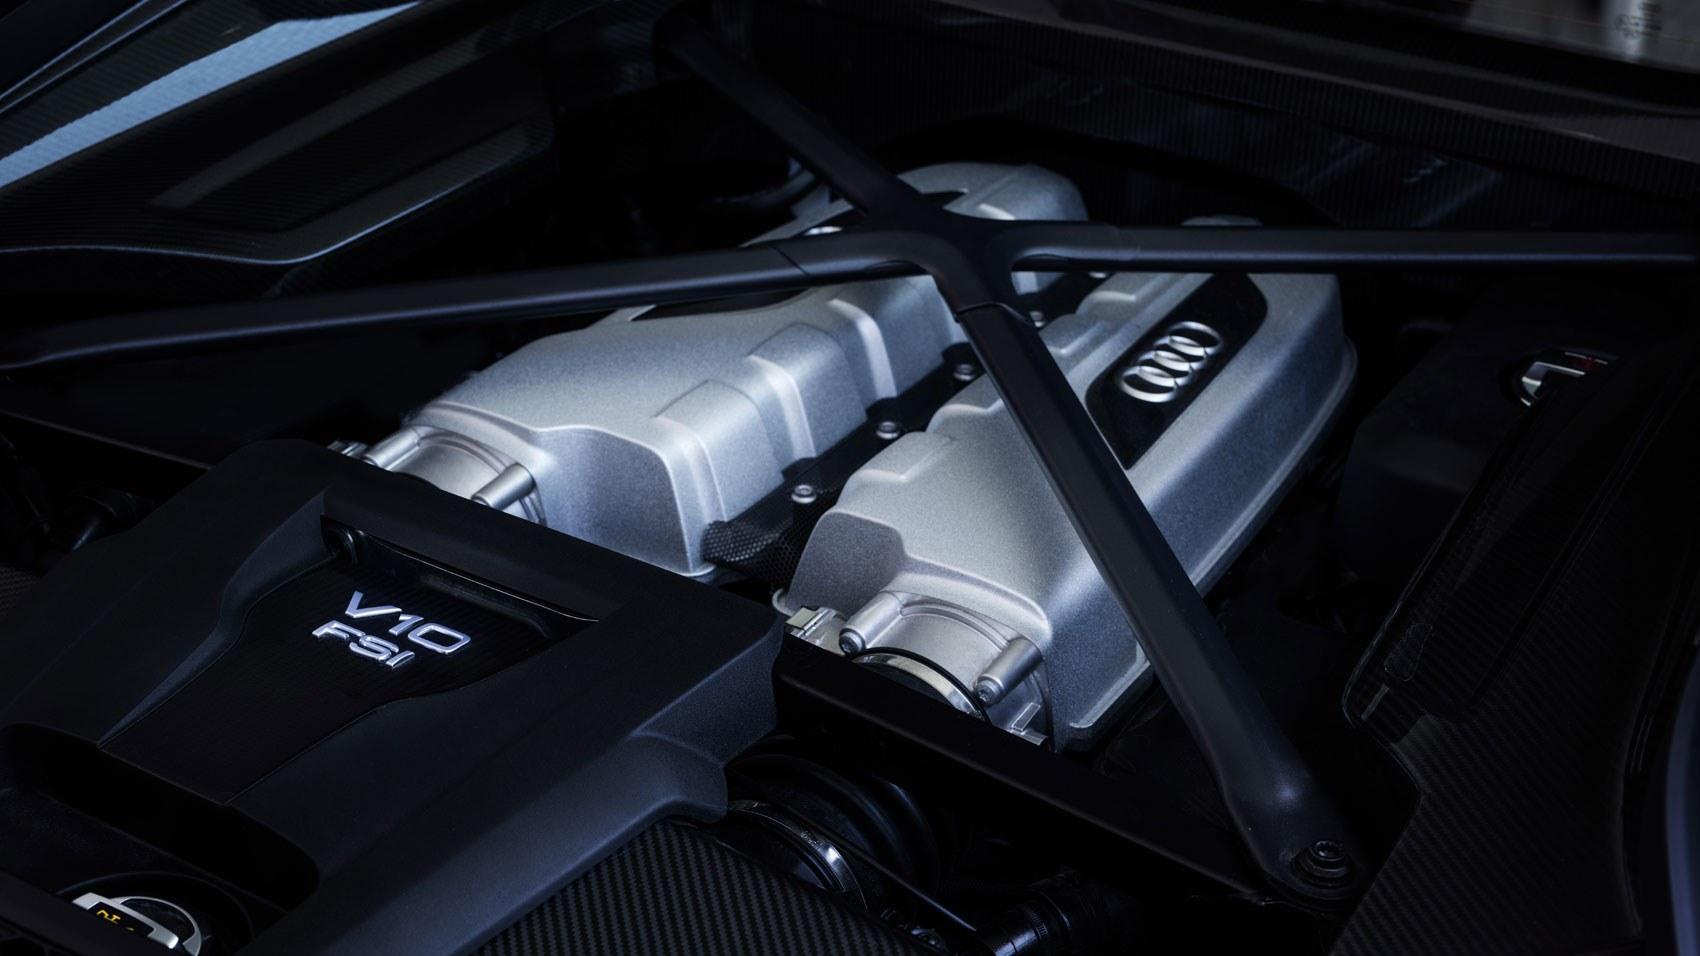 Audi R8 V10 Plus Engine room MY 2015